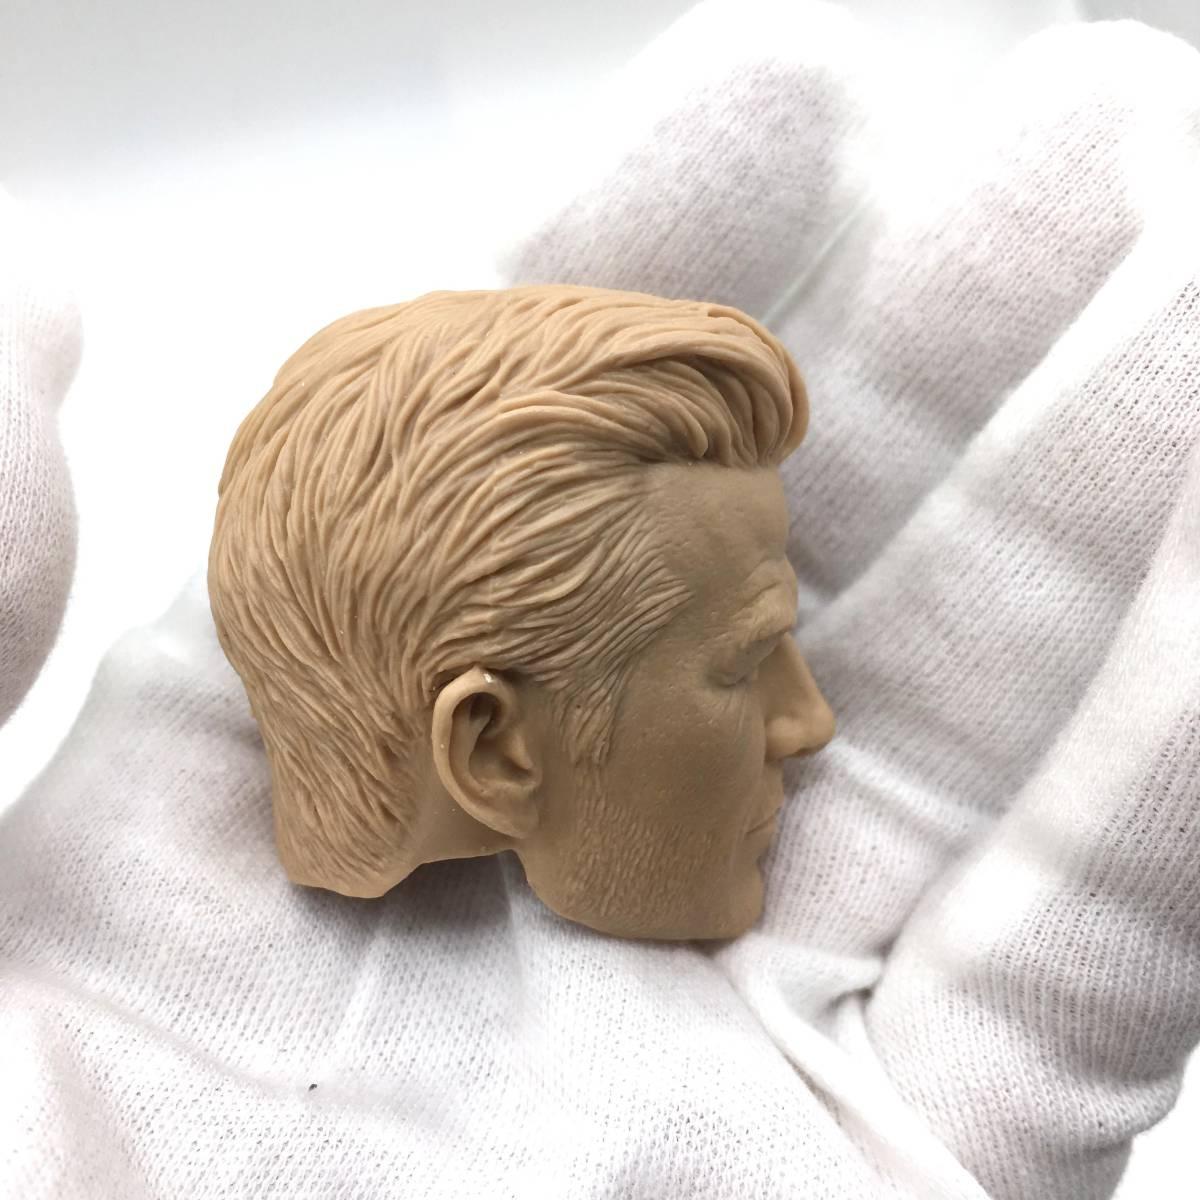 送料無料 1/6 DIY ヘッド 手作り 未塗装男性ヘッド デビッド・ベッカム 番号B32_画像7